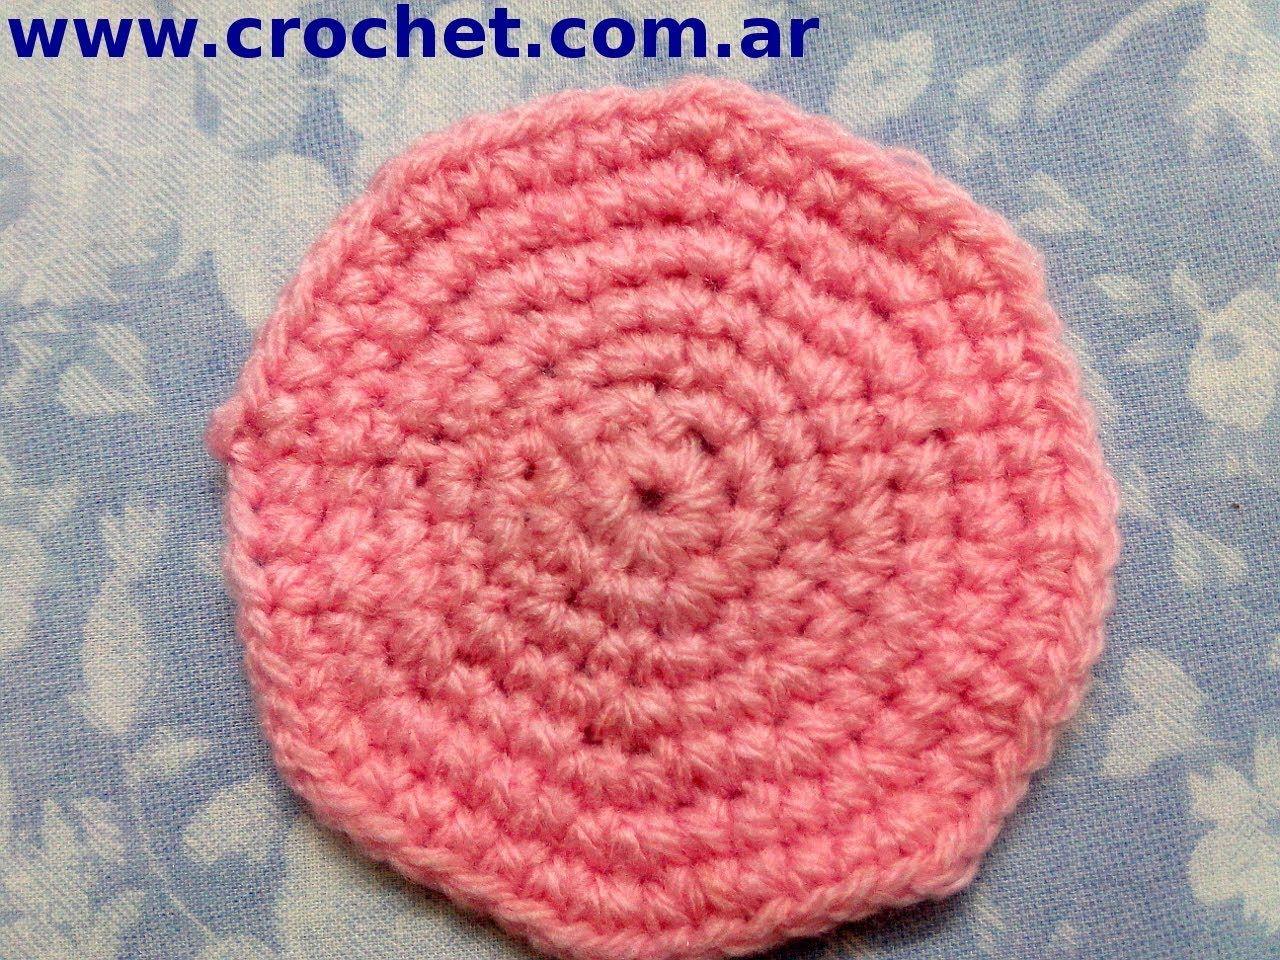 Como tejer un circulo perfecto en tejido crochet tutorial paso a ...